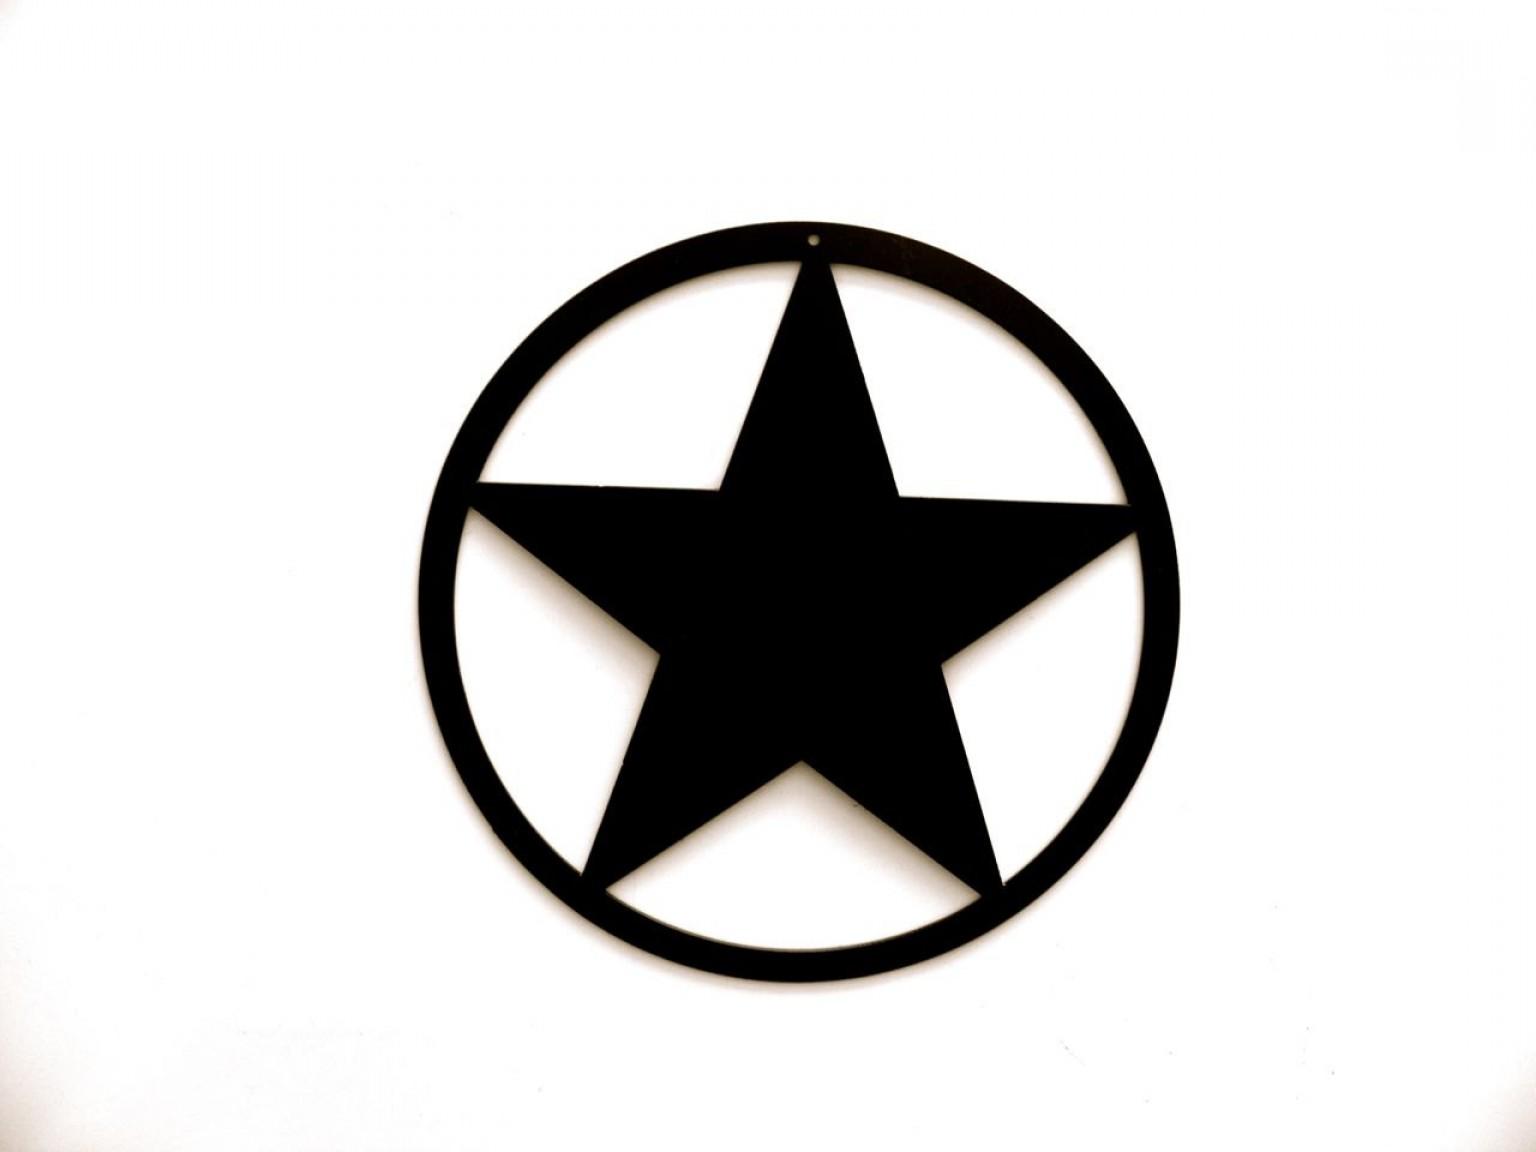 1536x1152 Symbol Western Star Clipart